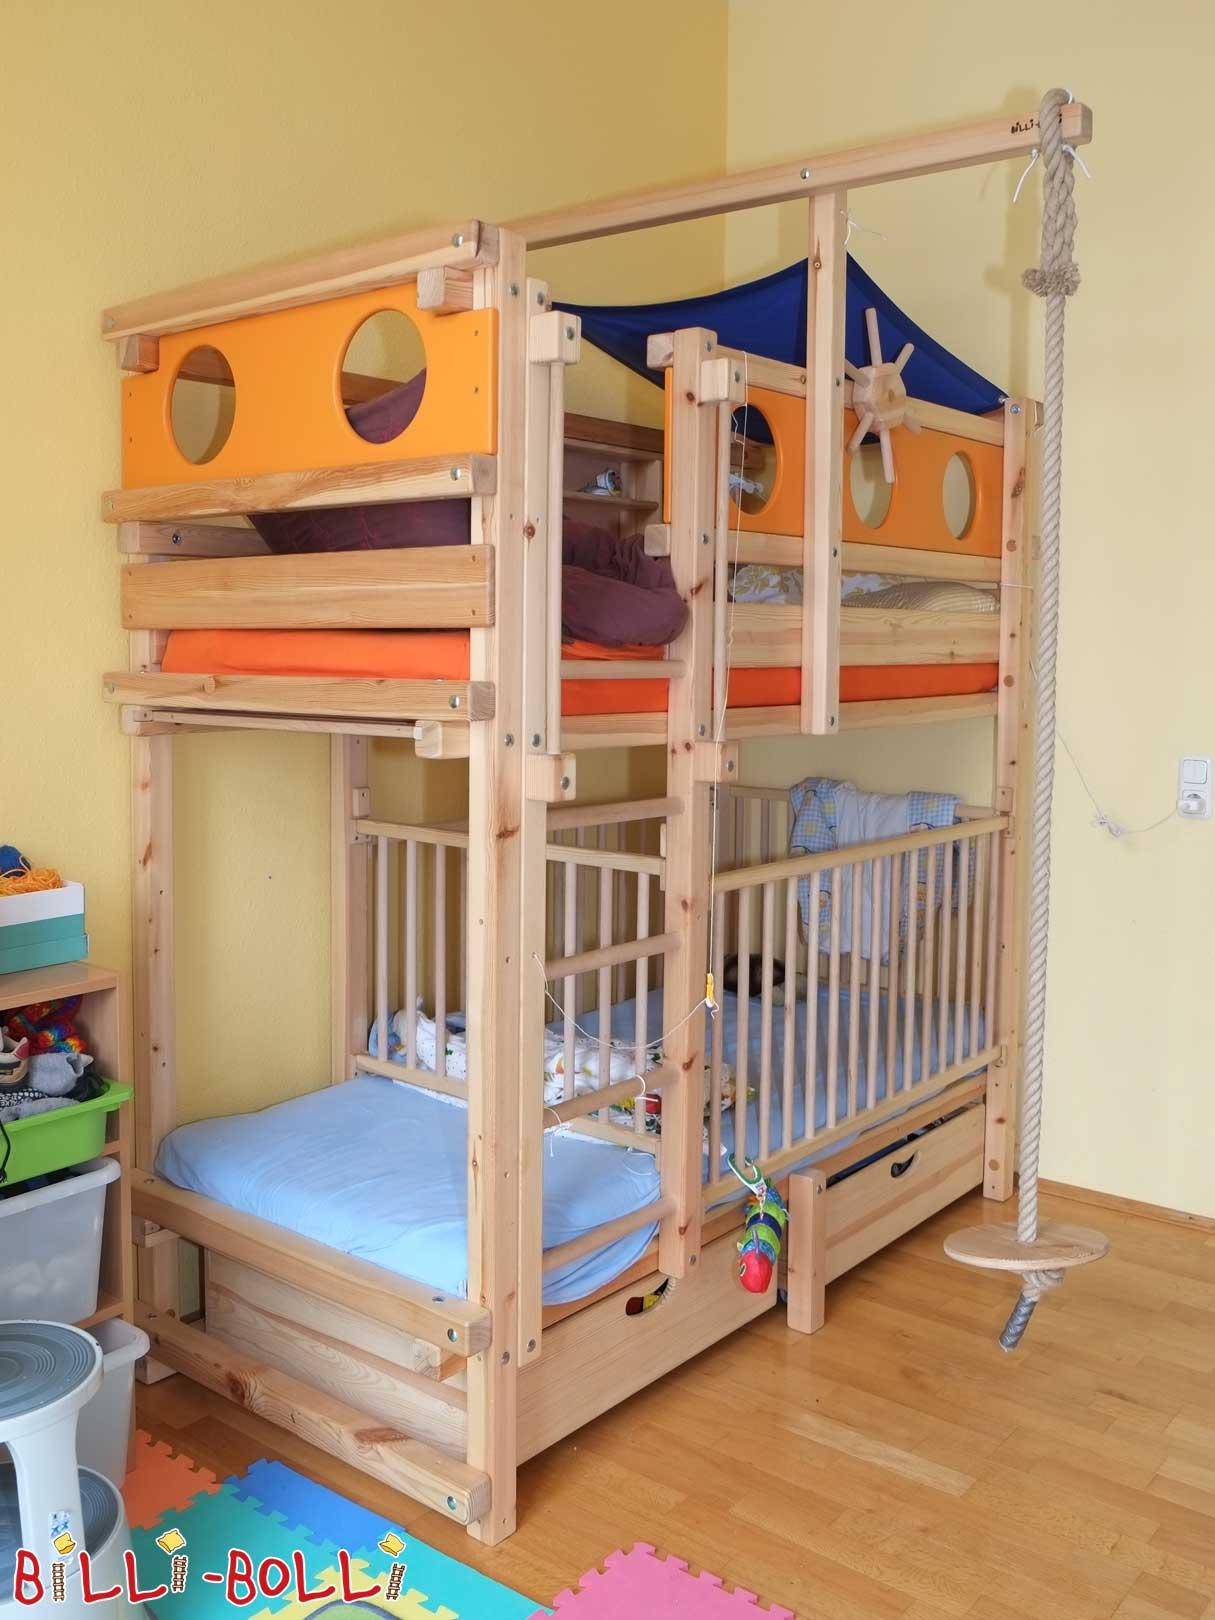 hochbett 2 personen beautiful hochbett mit schreibtisch 2. Black Bedroom Furniture Sets. Home Design Ideas